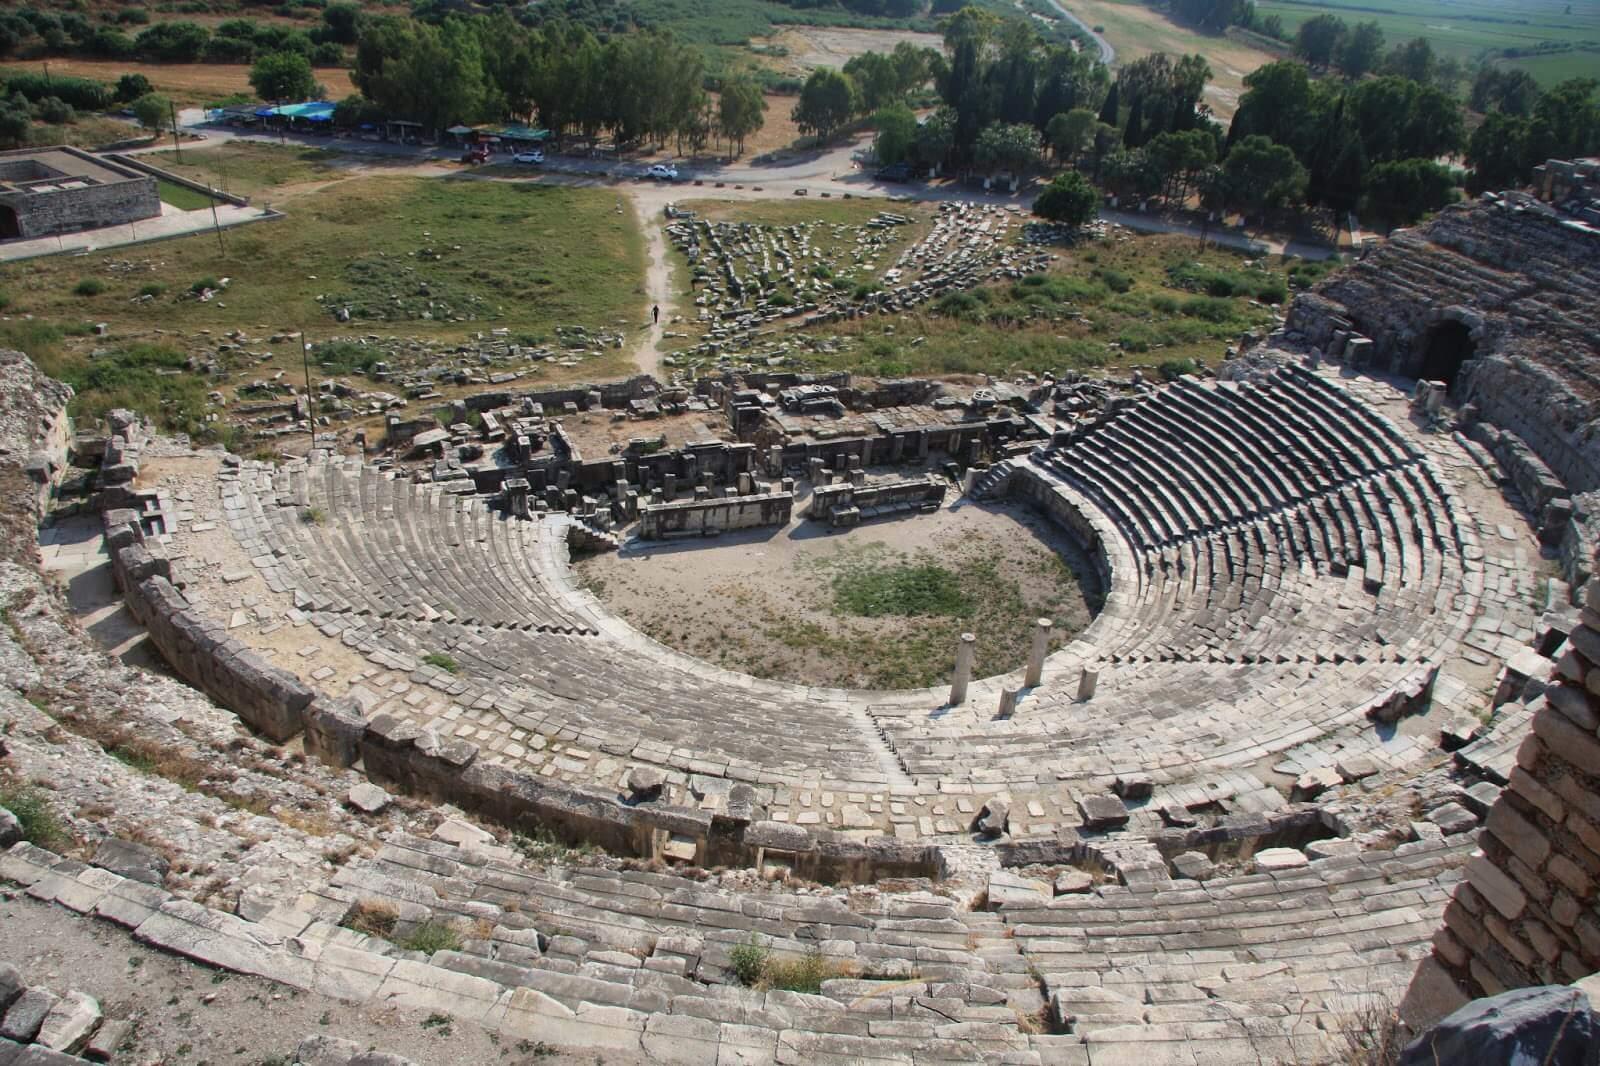 Miletの画像 p1_24